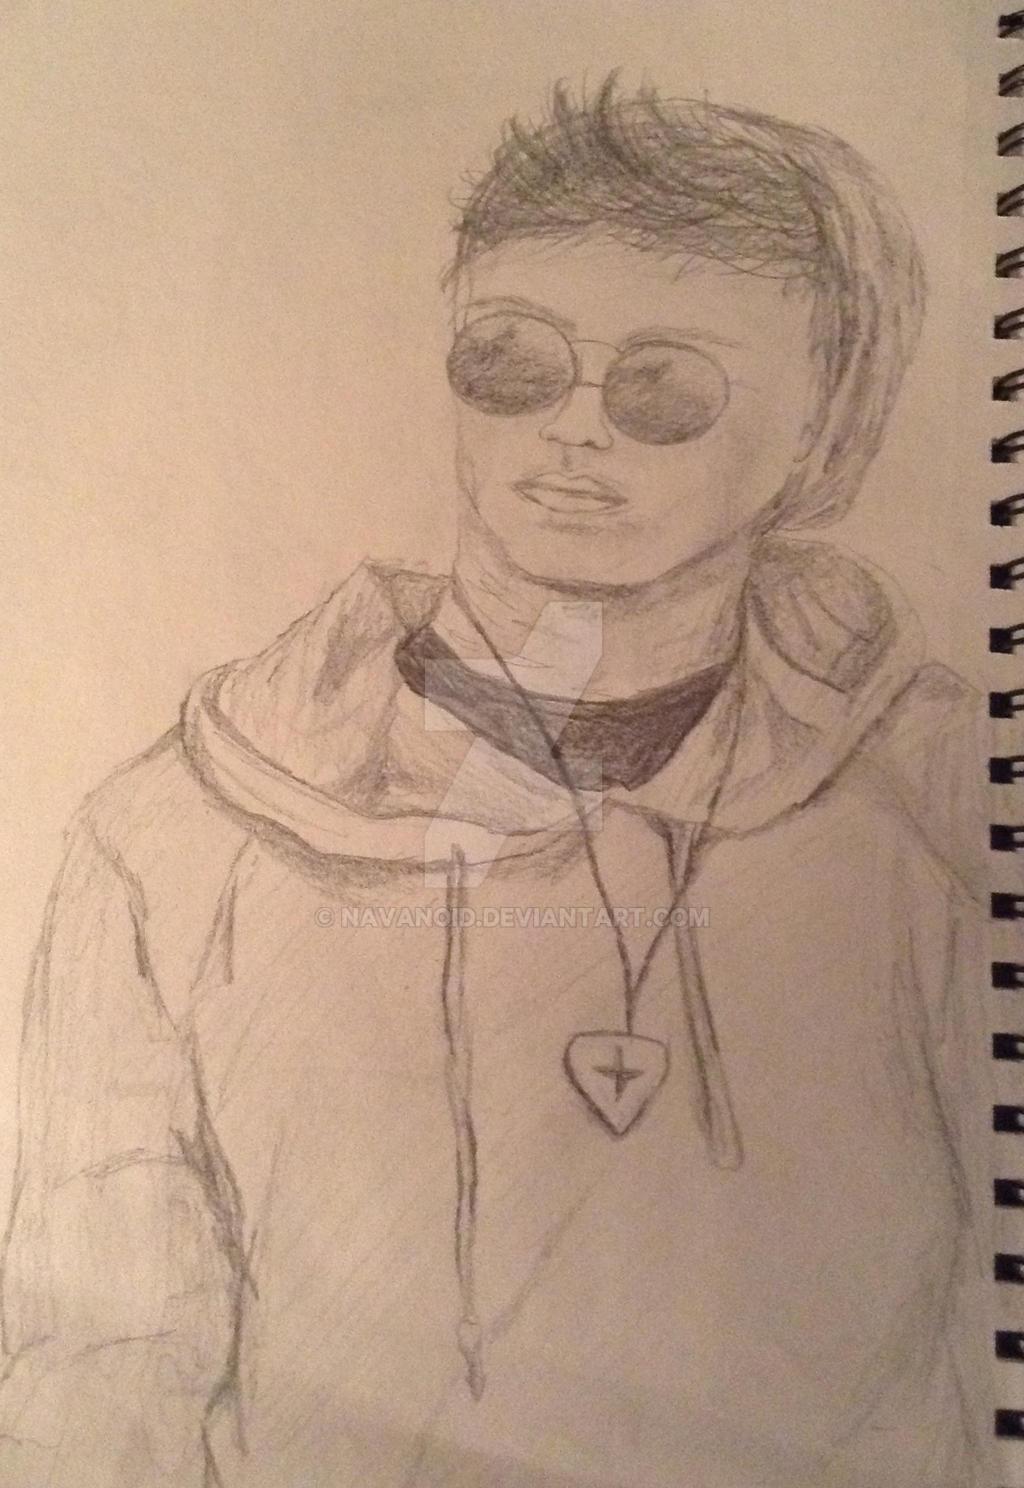 Pencil drawing of teenage guy by navanoid